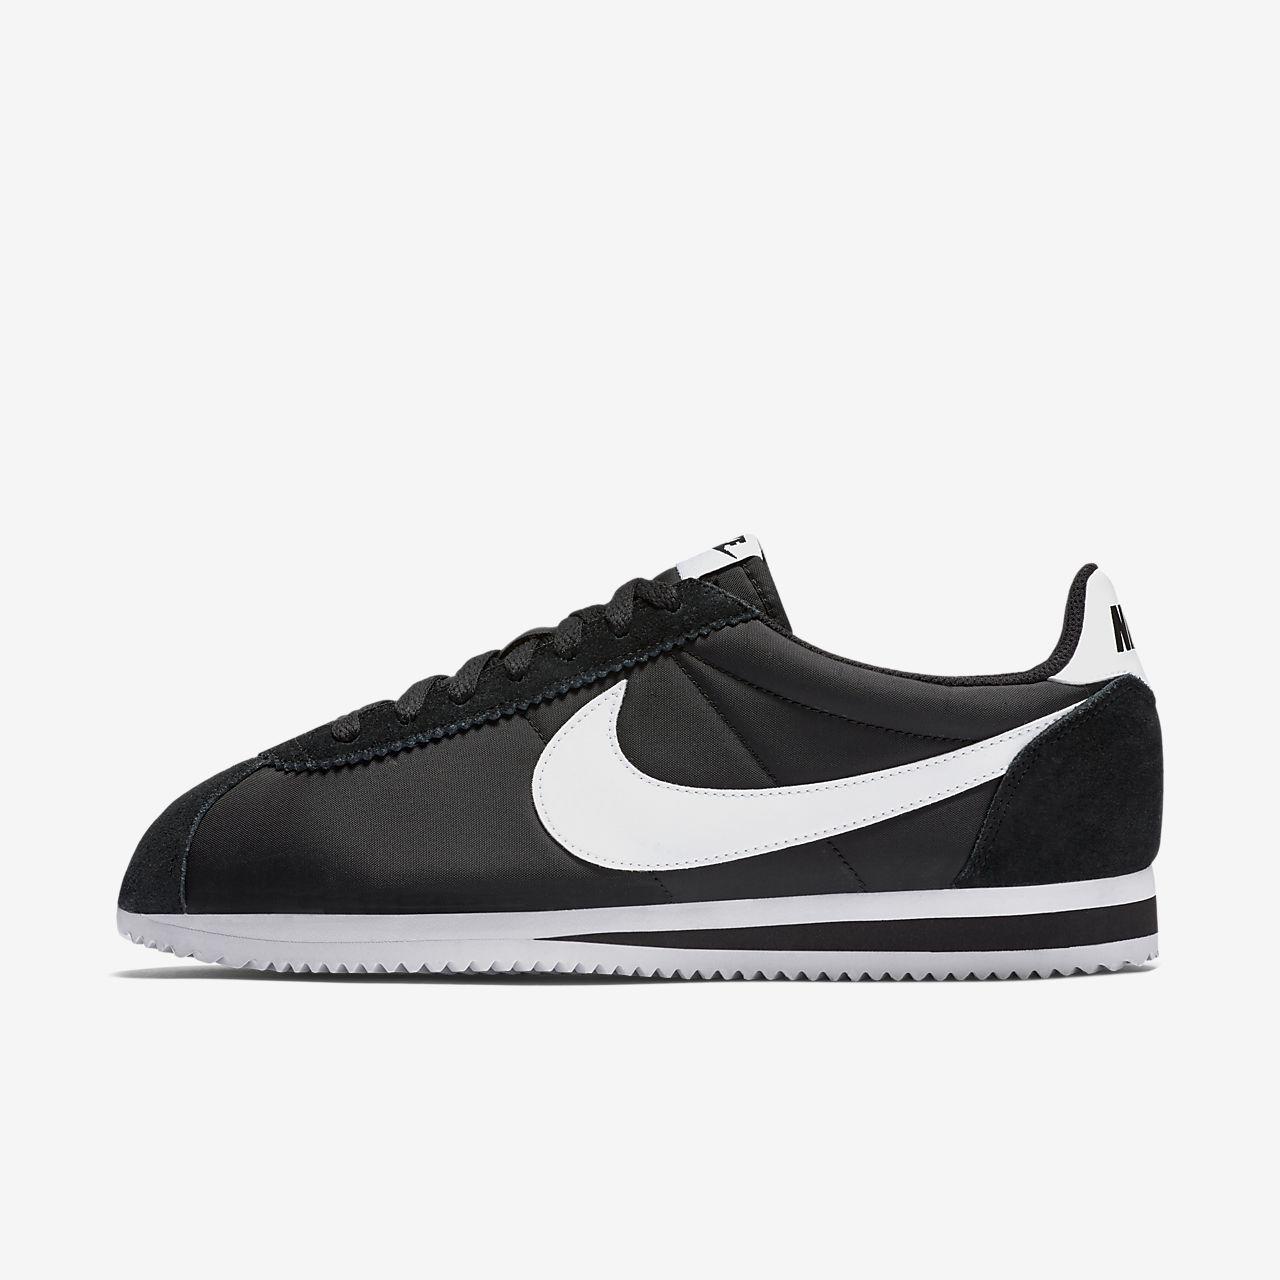 arrives many styles new arrivals Nike Classic Cortez Nylon Unisex Shoe